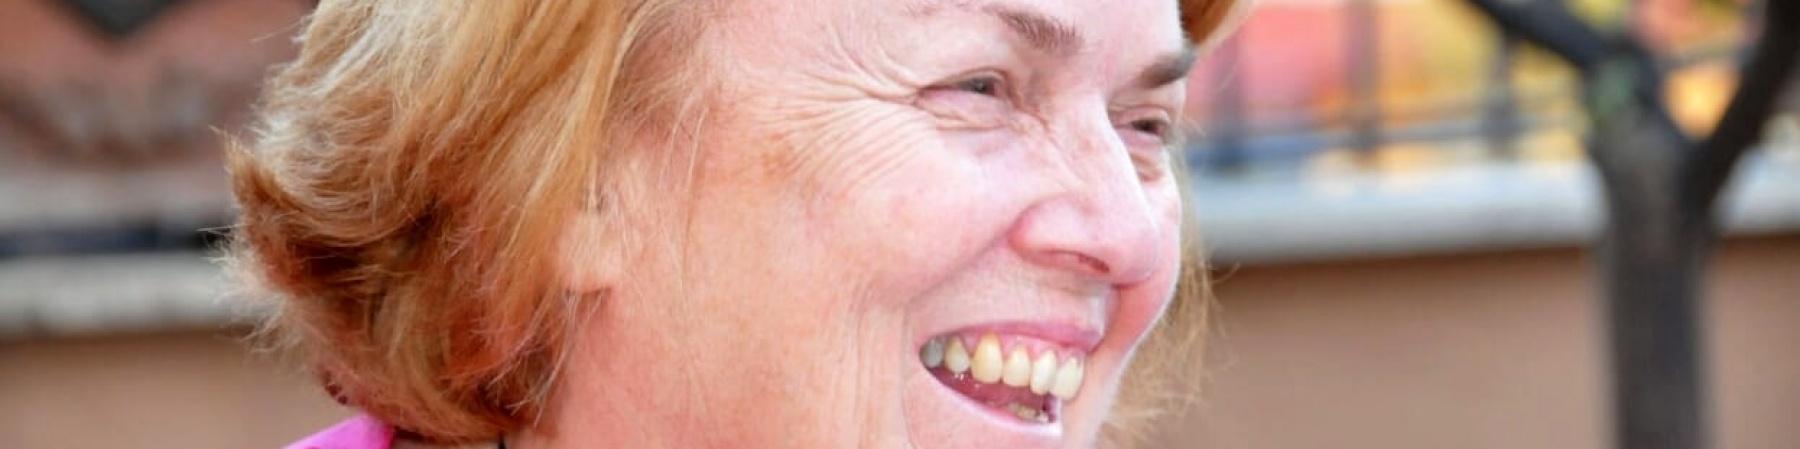 primo piano di una signora bionda sorridente con maglietta rosa